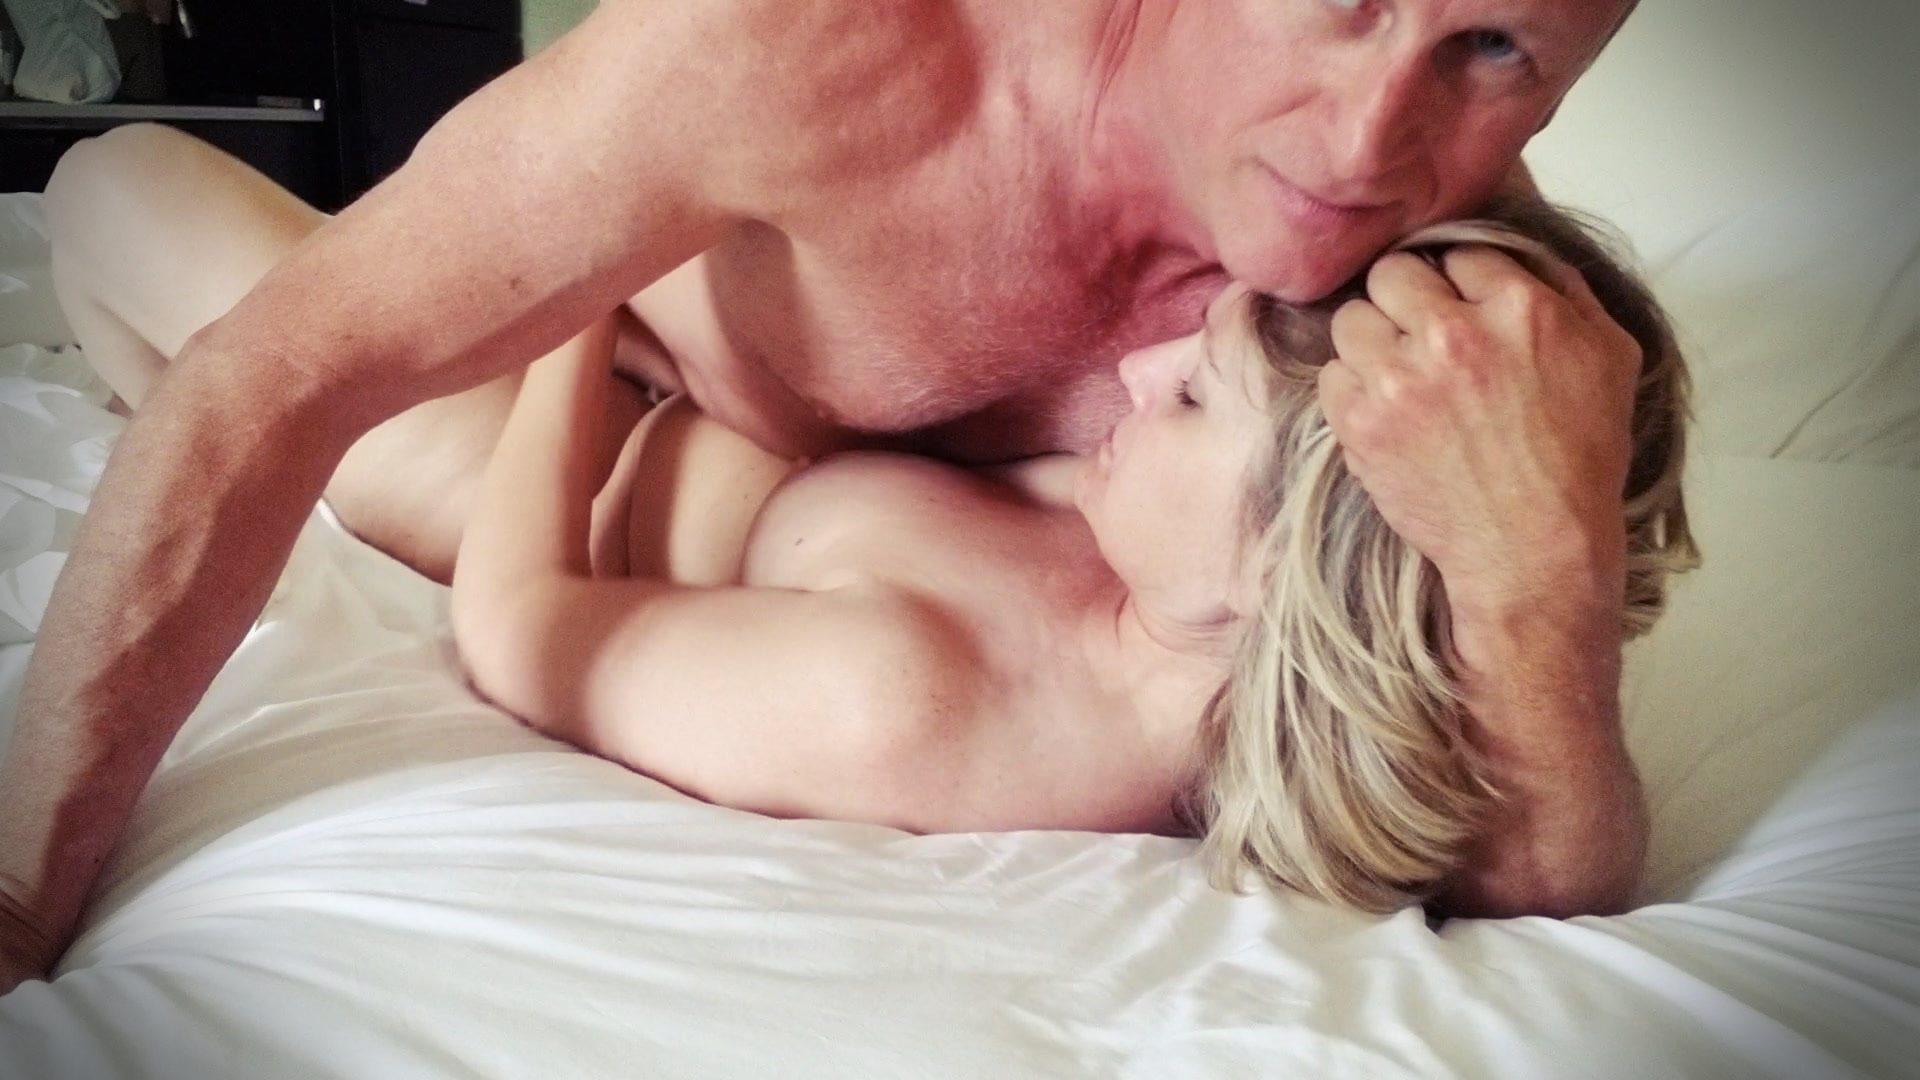 Türkiyeye tatile gelen turist çift porno çekti